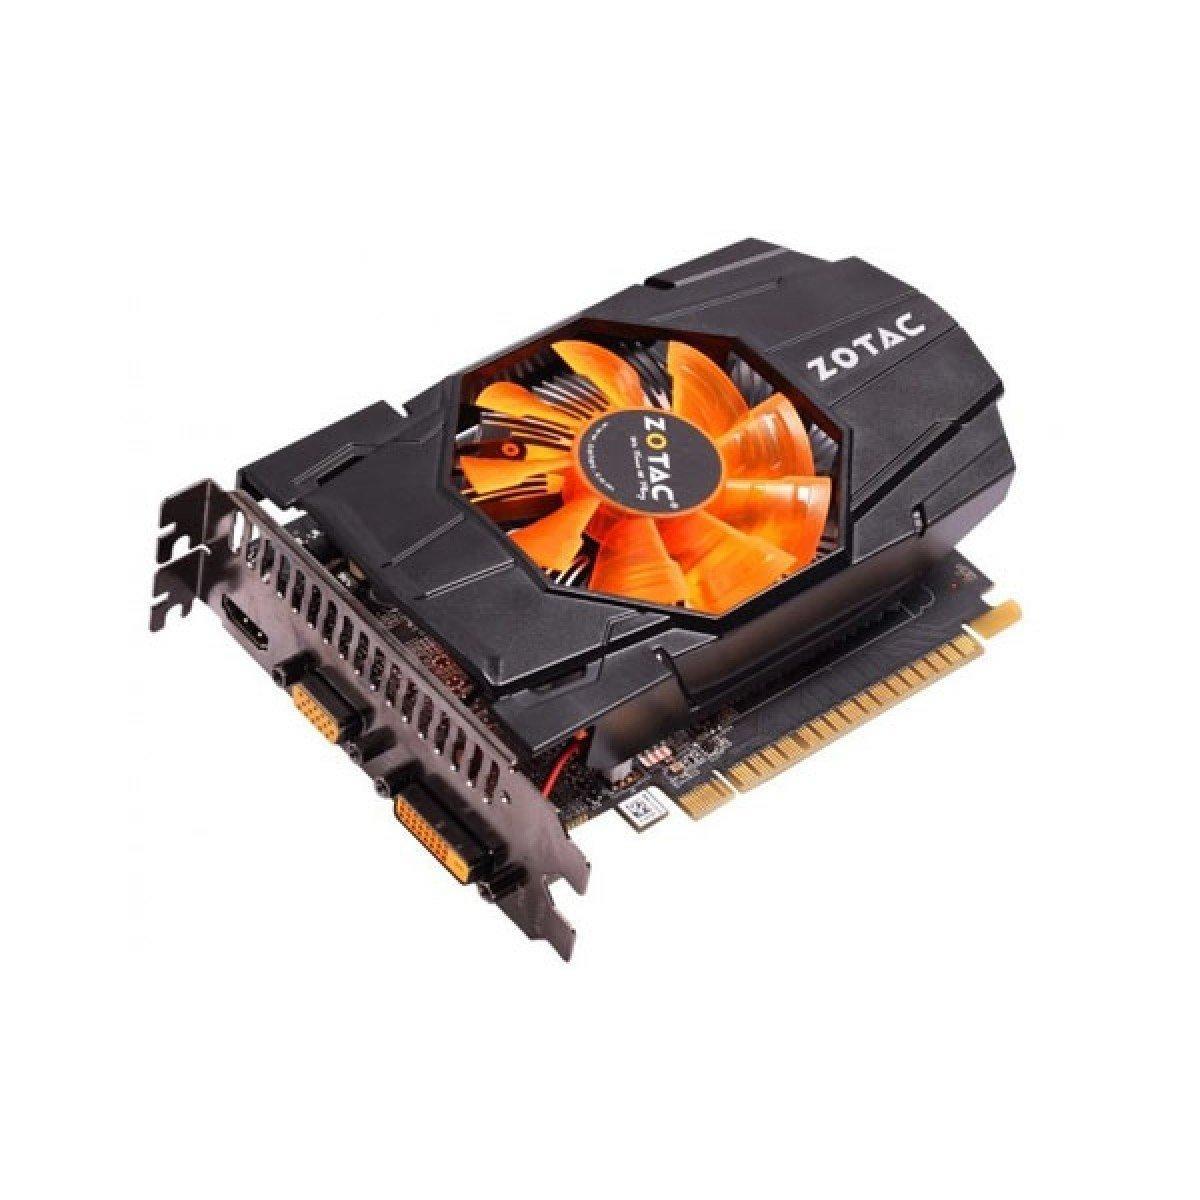 Hình ảnh VGA ZOTAC GEFORCE GTX 650 1GB GDDR5 128 BIT